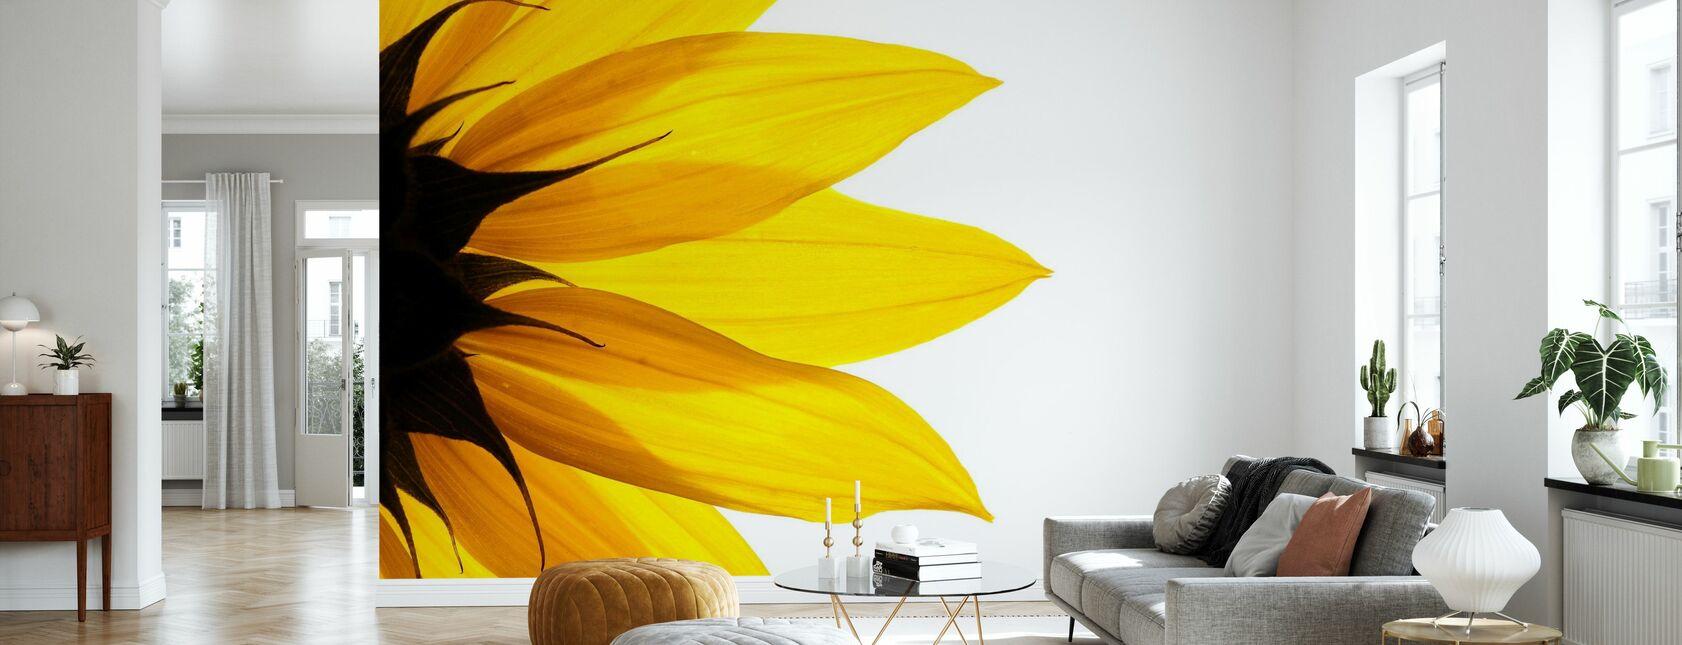 Sunflower Detail - Wallpaper - Living Room